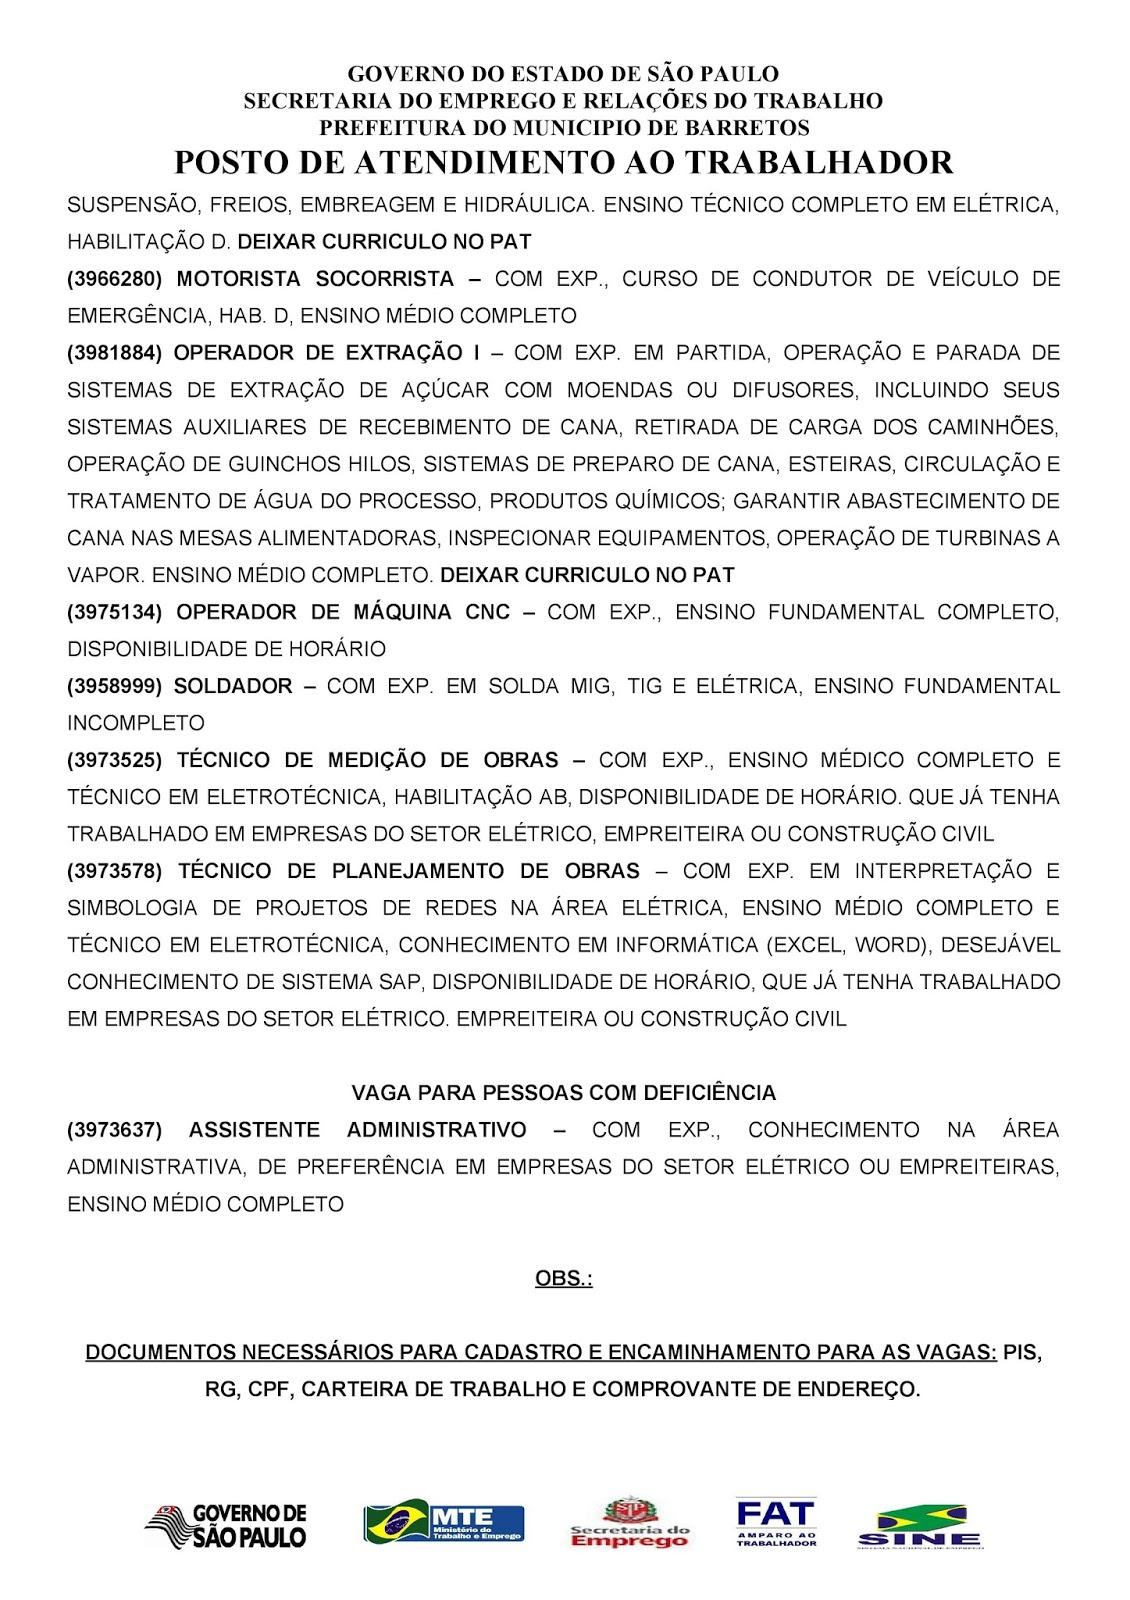 VAGAS DE EMPREGO DO PAT BARRETOS-SP PARA 31/01/2017 TERÇA-FEIRA - PAG. 2